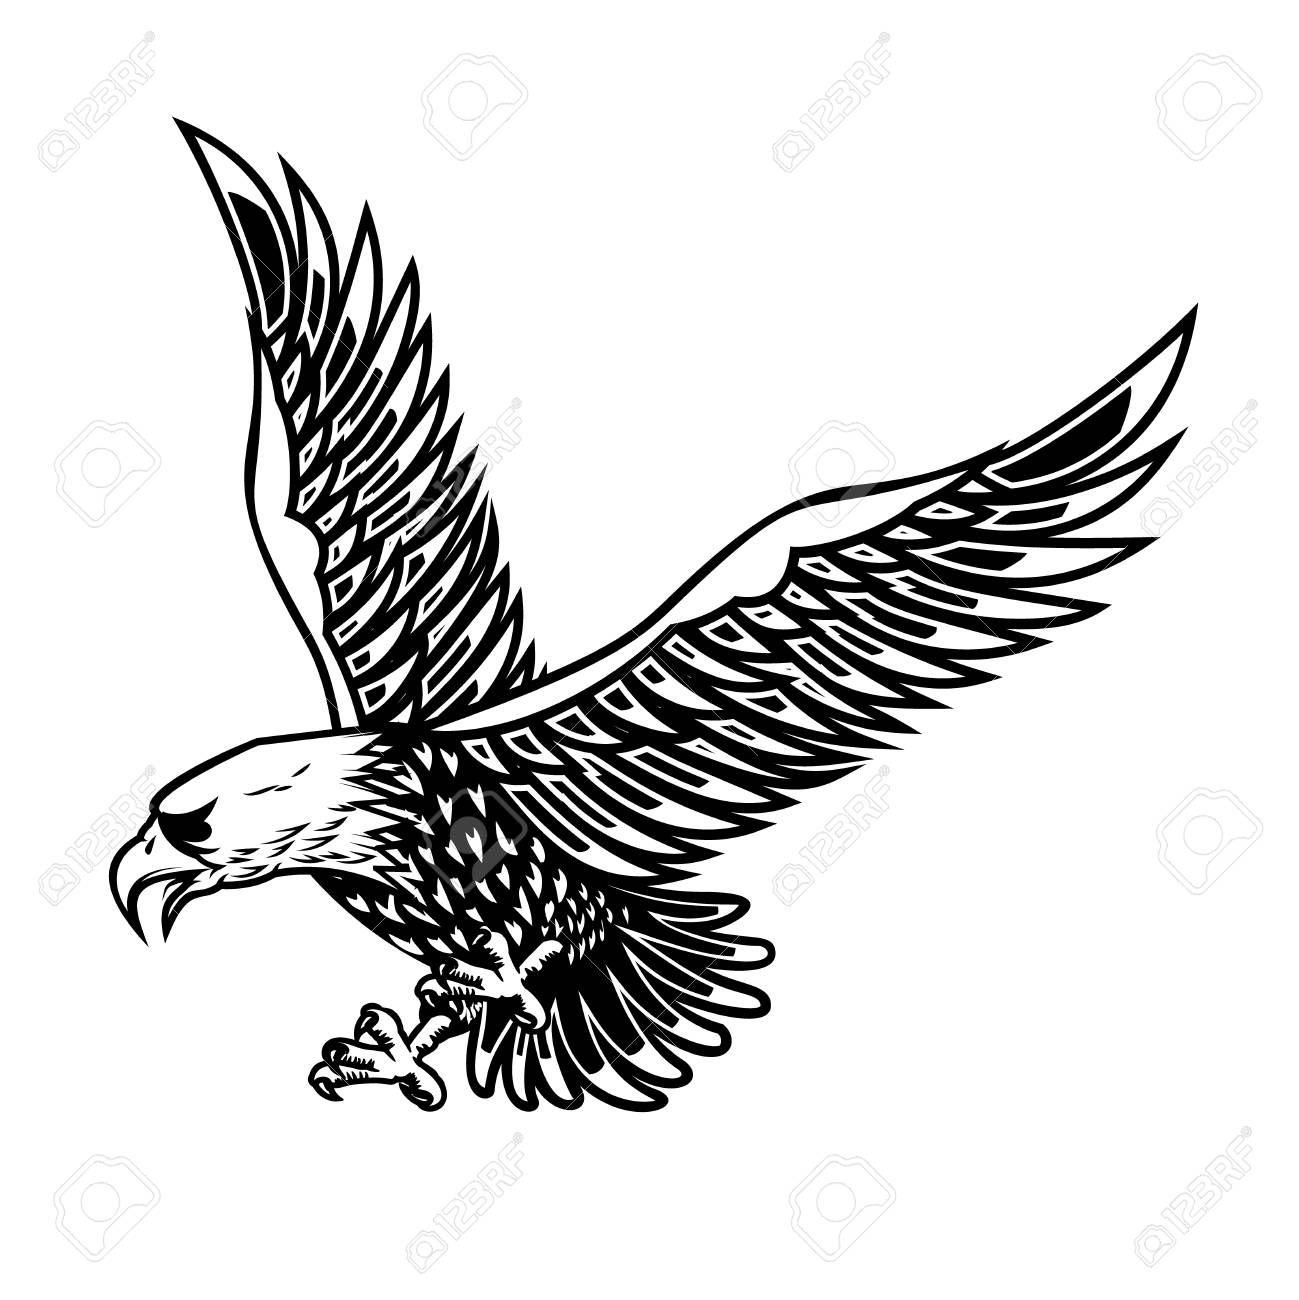 Eagle illustration on white background Design element for poster card print logo label emblem sign